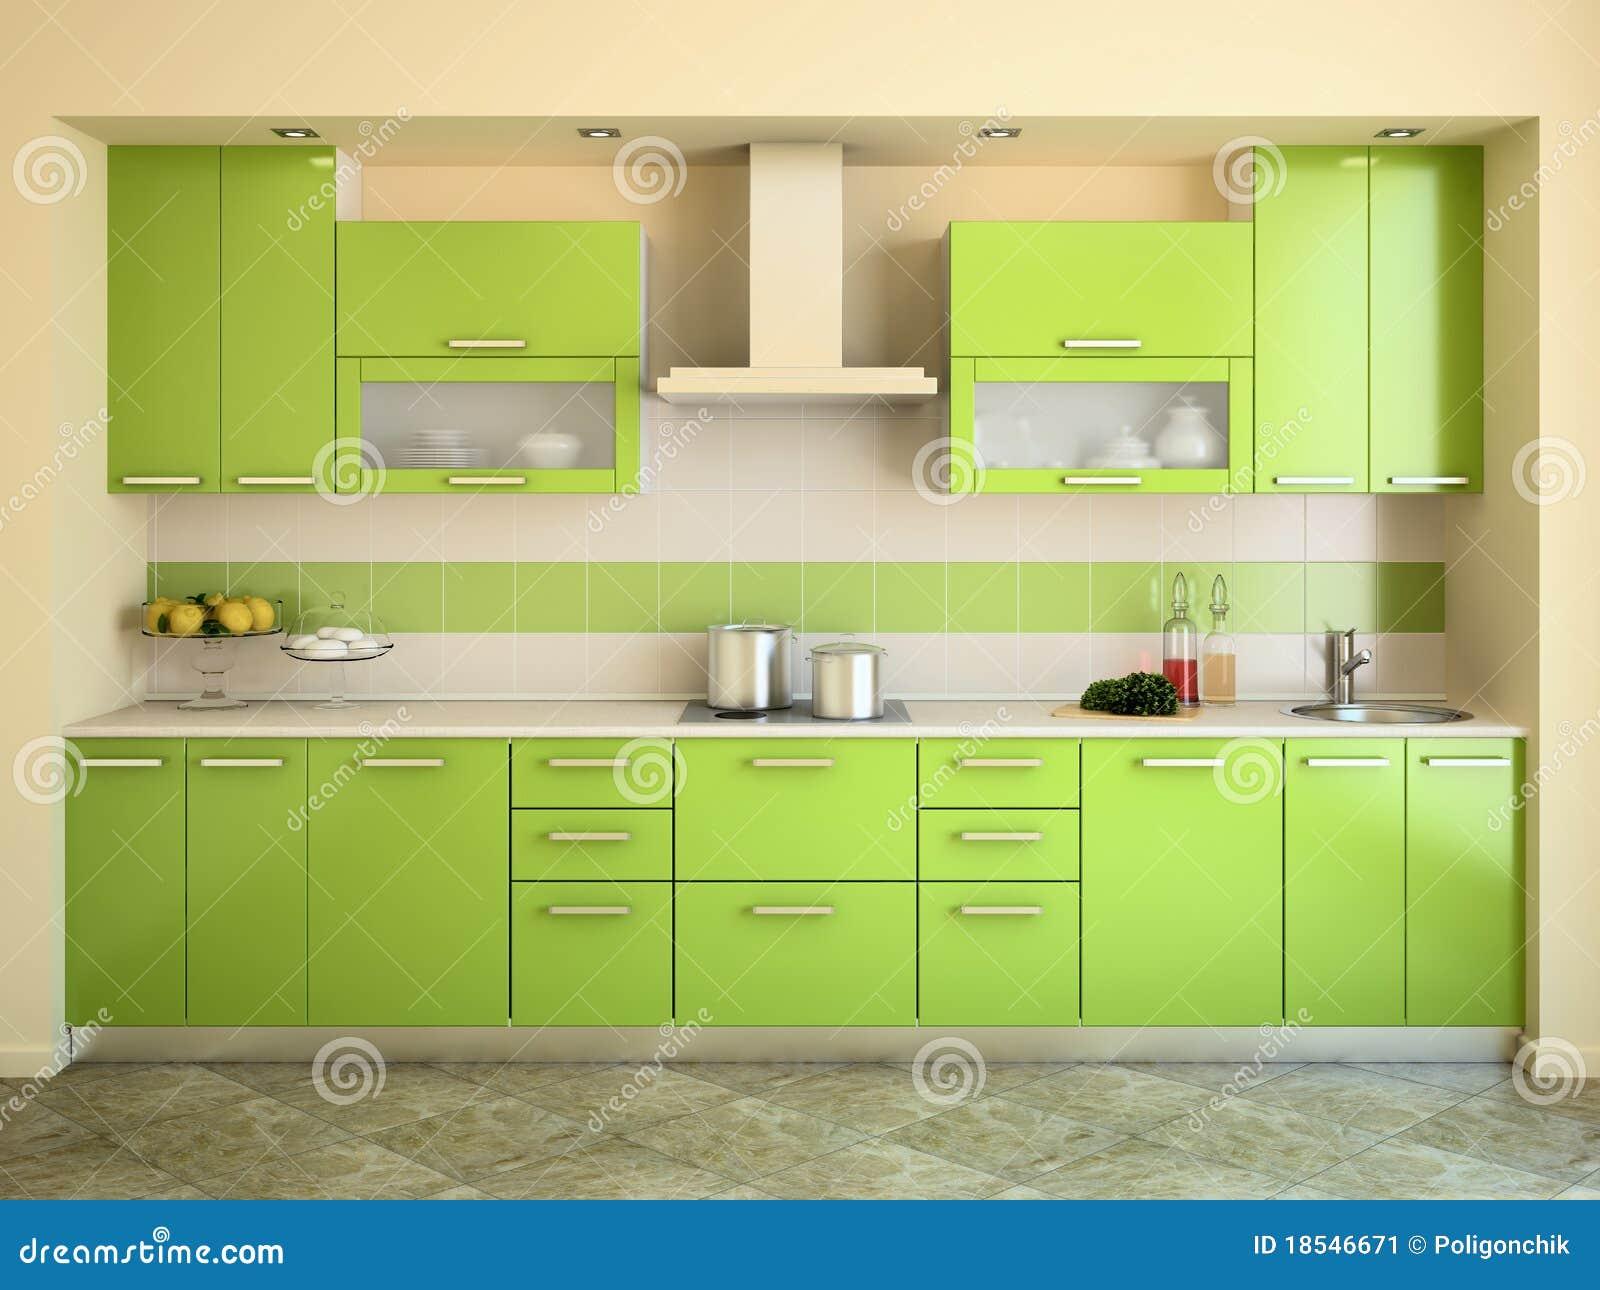 Moderna kök bilder ~ Zeedub.com